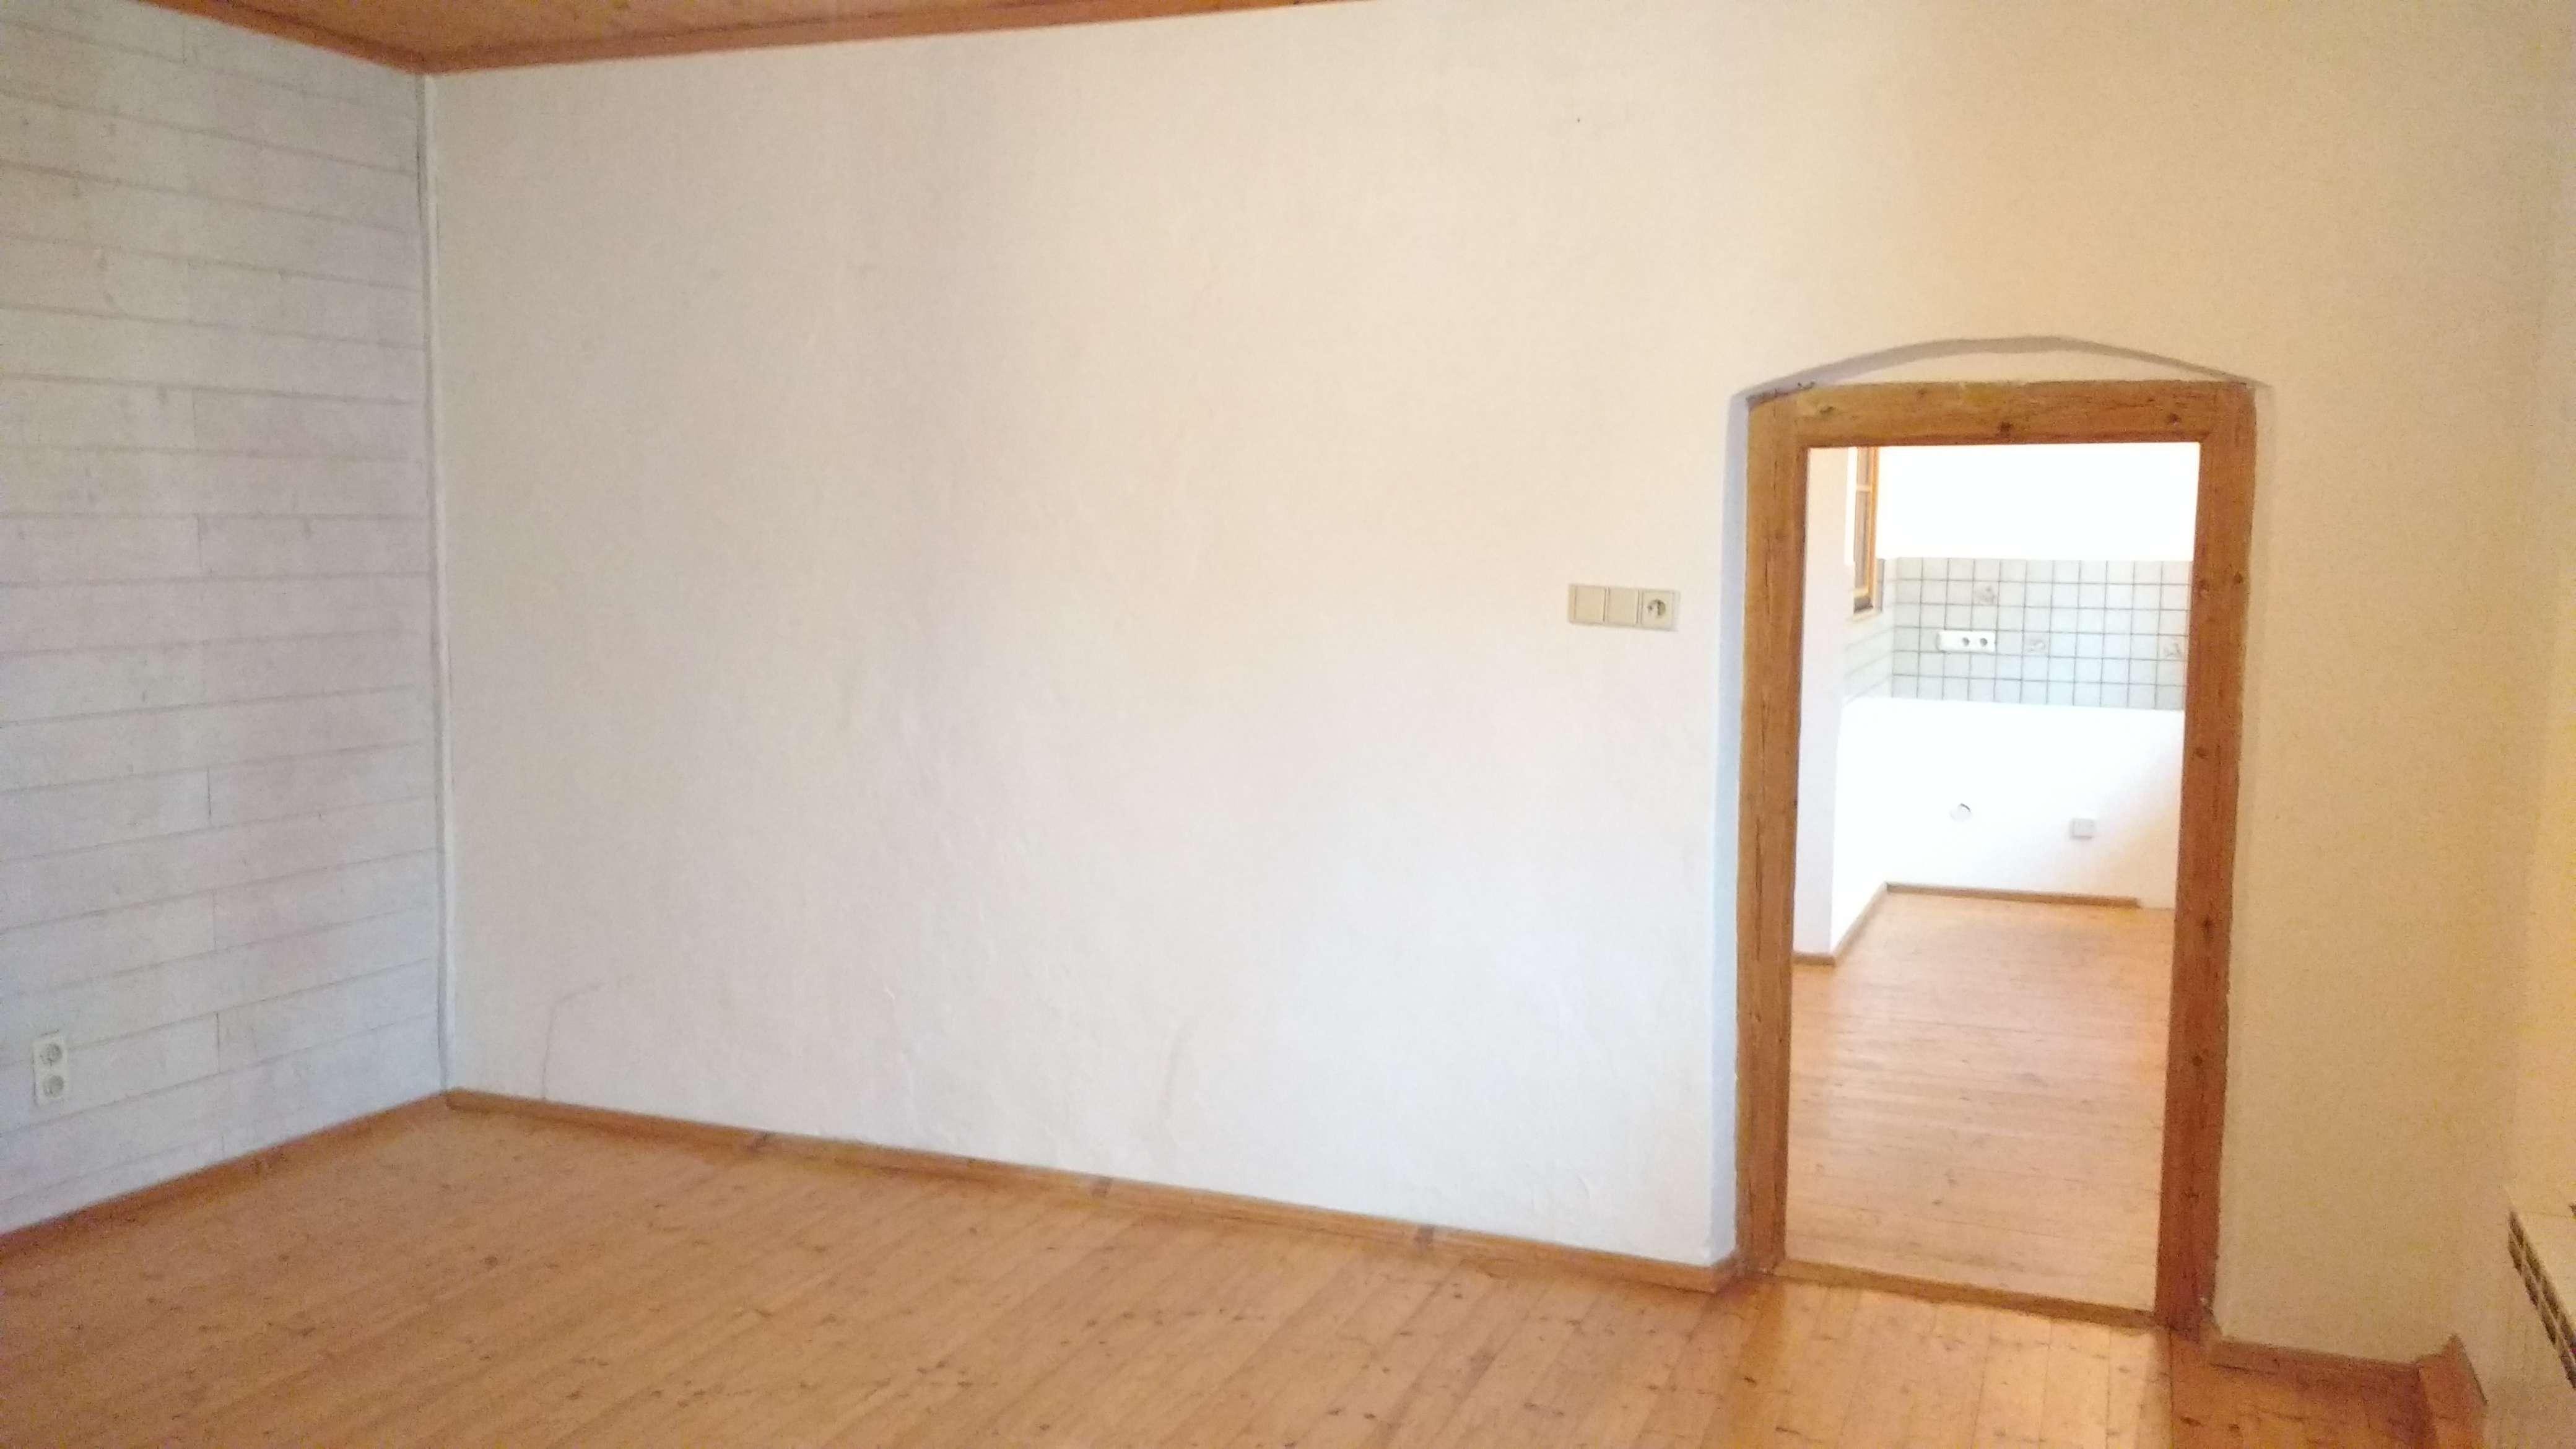 Freundliche 2-Zimmer-Wohnung in Habach in